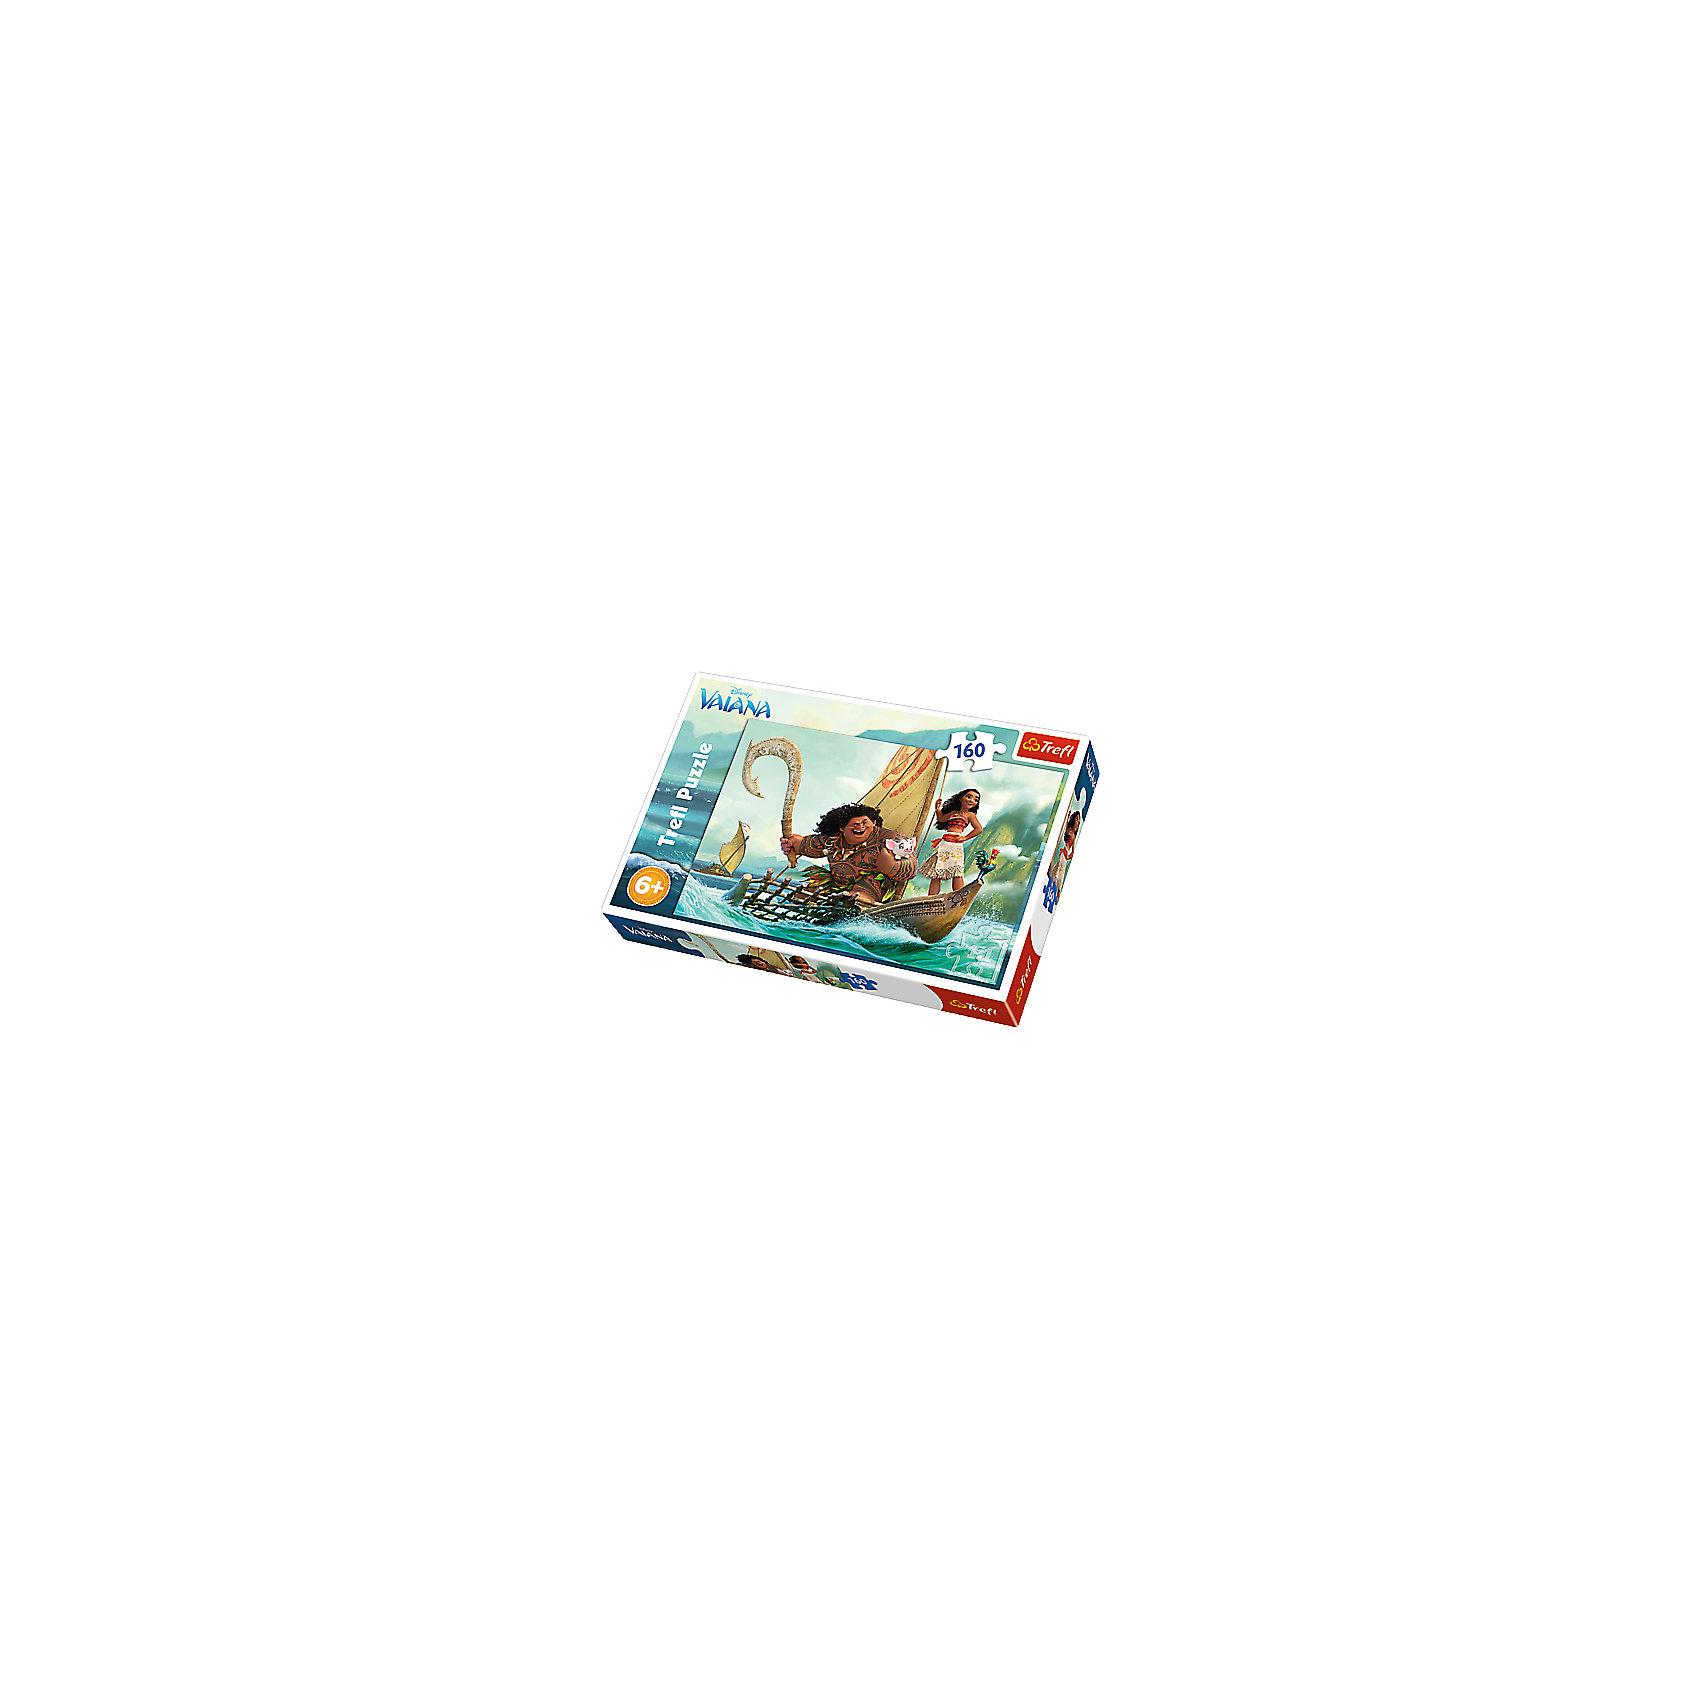 Пазл «Моана и Мауи», 160 деталей, TreflКлассические пазлы<br>Характеристики товара:<br><br>• возраст от 6 лет;<br>• материал: картон;<br>• в комплекте: 160 элементов;<br>• размер пазла 41х28 см;<br>• размер упаковки 28,8х19,3х4,1 см;<br>• вес упаковки 305 гр.;<br>• страна производитель: Польша.<br><br>Пазл «Моана и Мауи» Trefl создан по мотивам известного мультфильма Дисней. На картинке изображены Моана и Мауи вместе со свинкой Пуа и петушком Хейхей, плывущие на лодке в поисках сказочного острова. Собирание пазла не просто увлекательное занятие, оно также развивает у детей внимательность, усидчивость, логическое мышление. Все детали выполнены из качественного плотного картона.<br><br>Пазл «Моана и Мауи» Trefl можно приобрести в нашем интернет-магазине.<br><br>Ширина мм: 291<br>Глубина мм: 195<br>Высота мм: 43<br>Вес г: 310<br>Возраст от месяцев: 72<br>Возраст до месяцев: 108<br>Пол: Женский<br>Возраст: Детский<br>Количество деталей: 160<br>SKU: 5390273